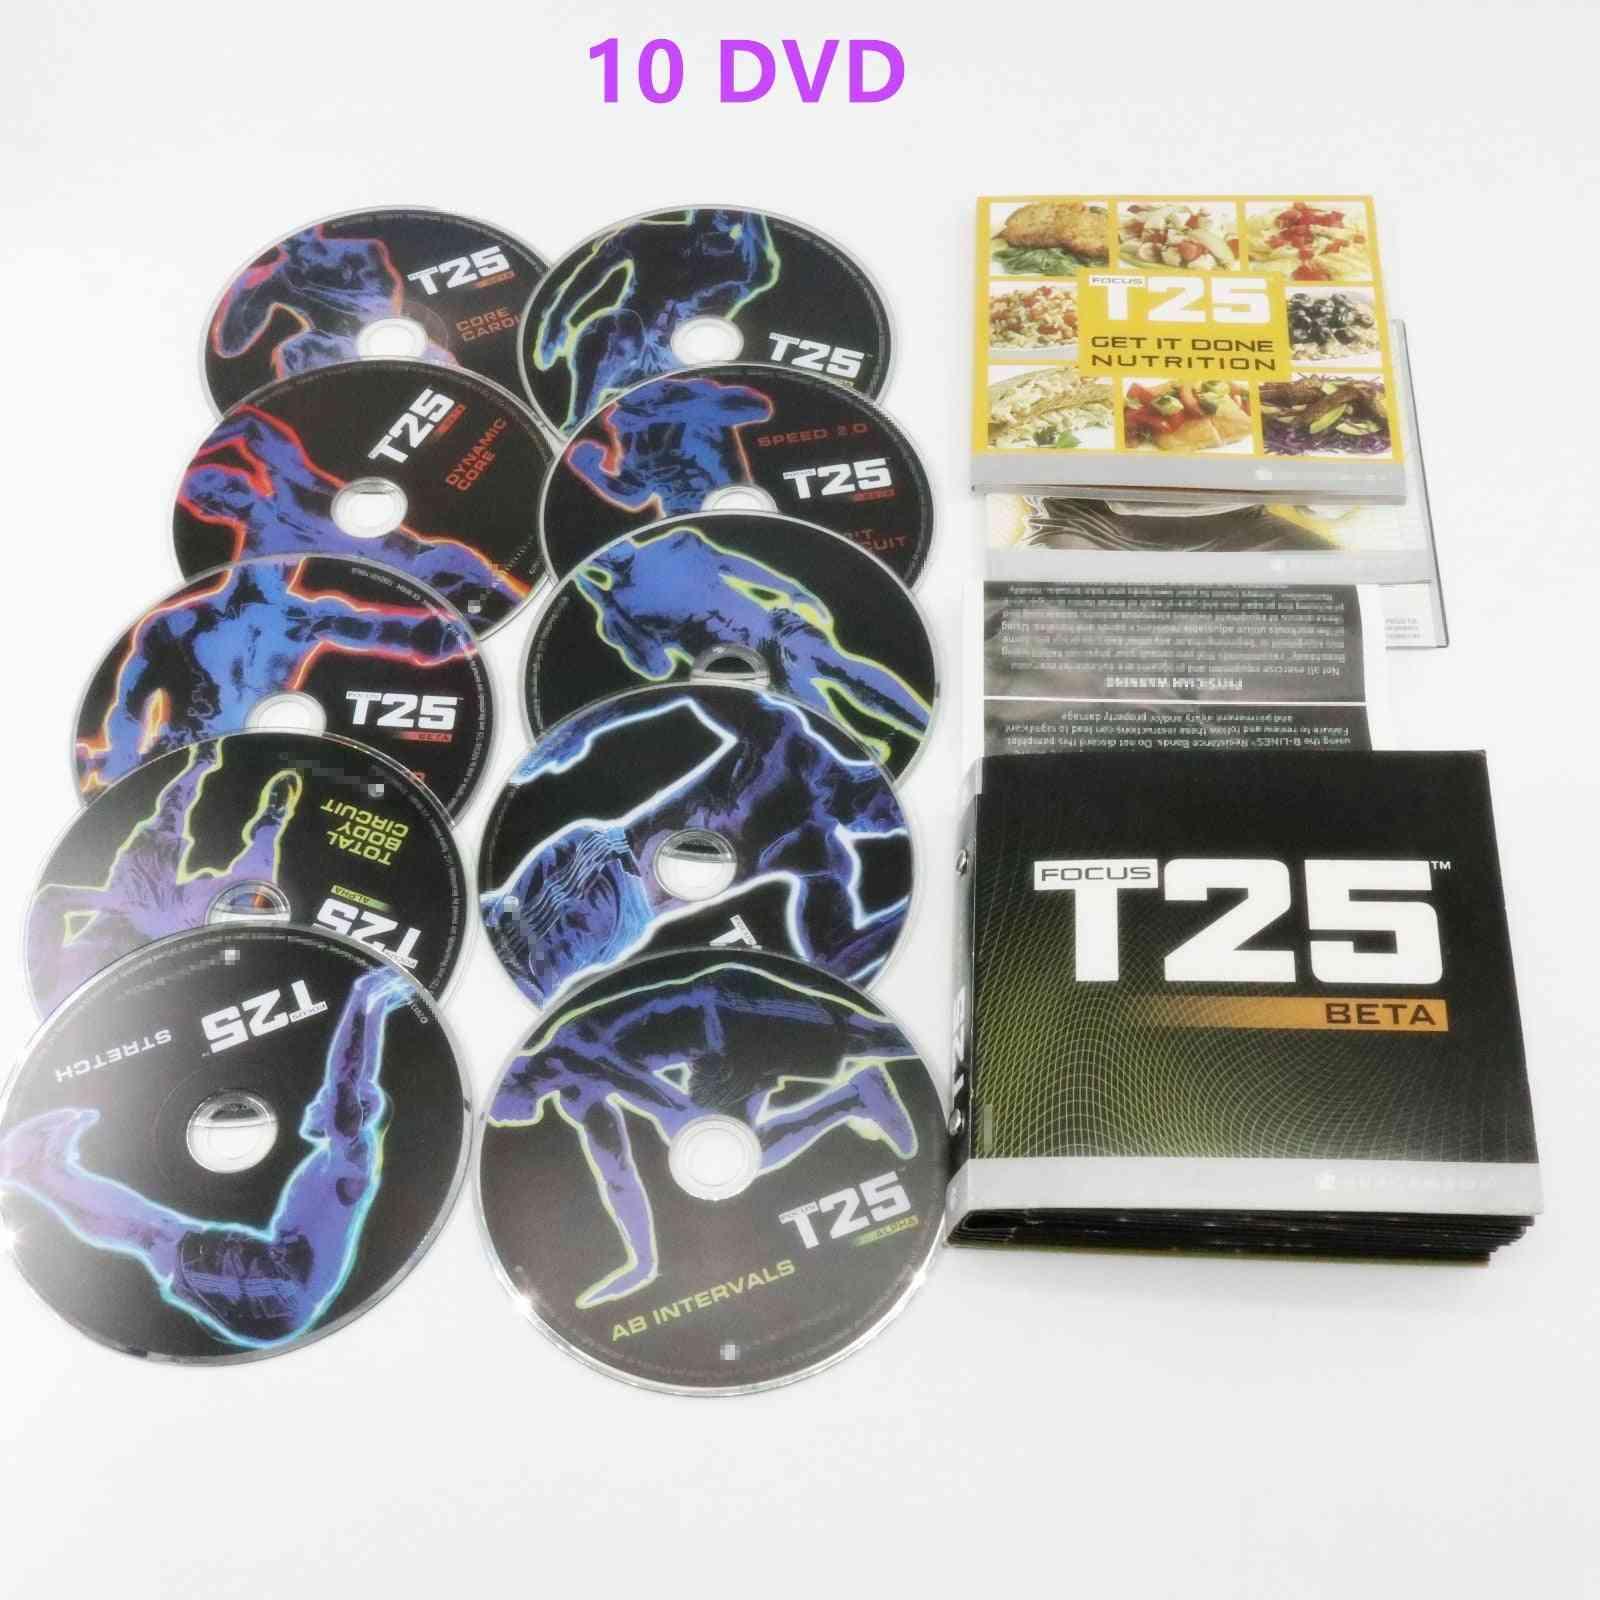 Focus T25 Gamma 4 Disc Fittness Workout Dvd Dvds W/ Calendar 10dvd Or 4dvd